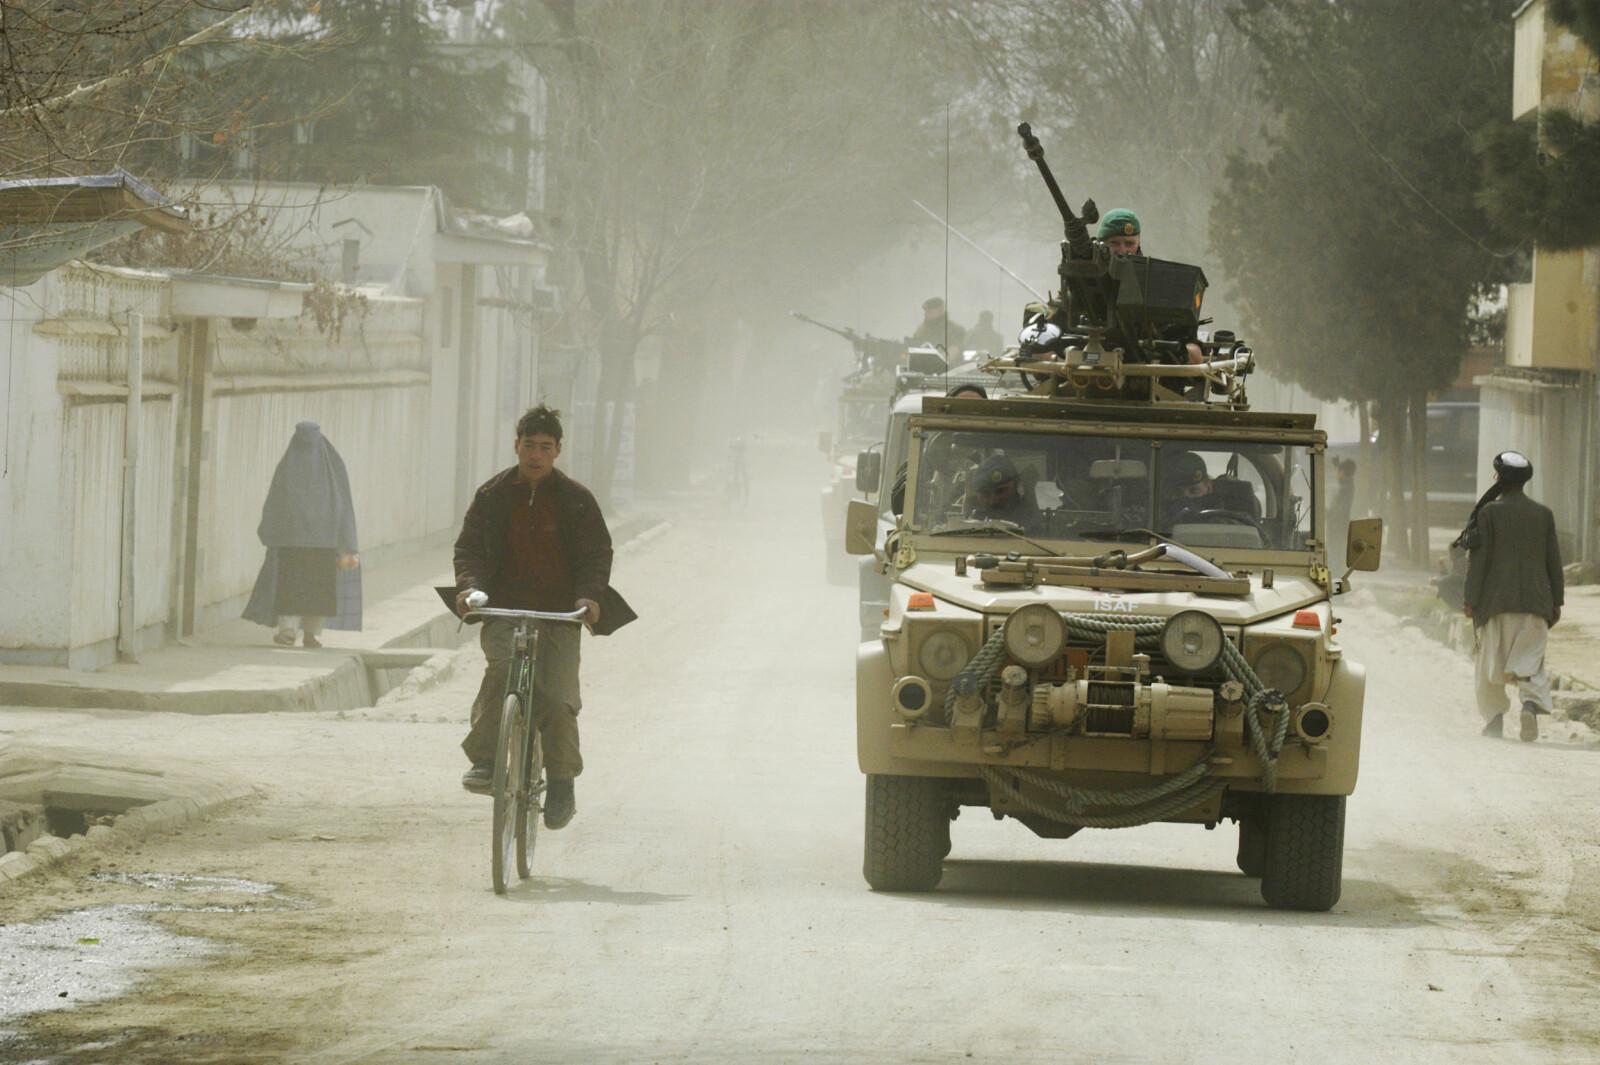 <b>ALLE KRIGERS VÅPEN:</b> Norsk patrulje i Kabul i 2004 med tolvsjuen montert på et lett multikjøretøy.